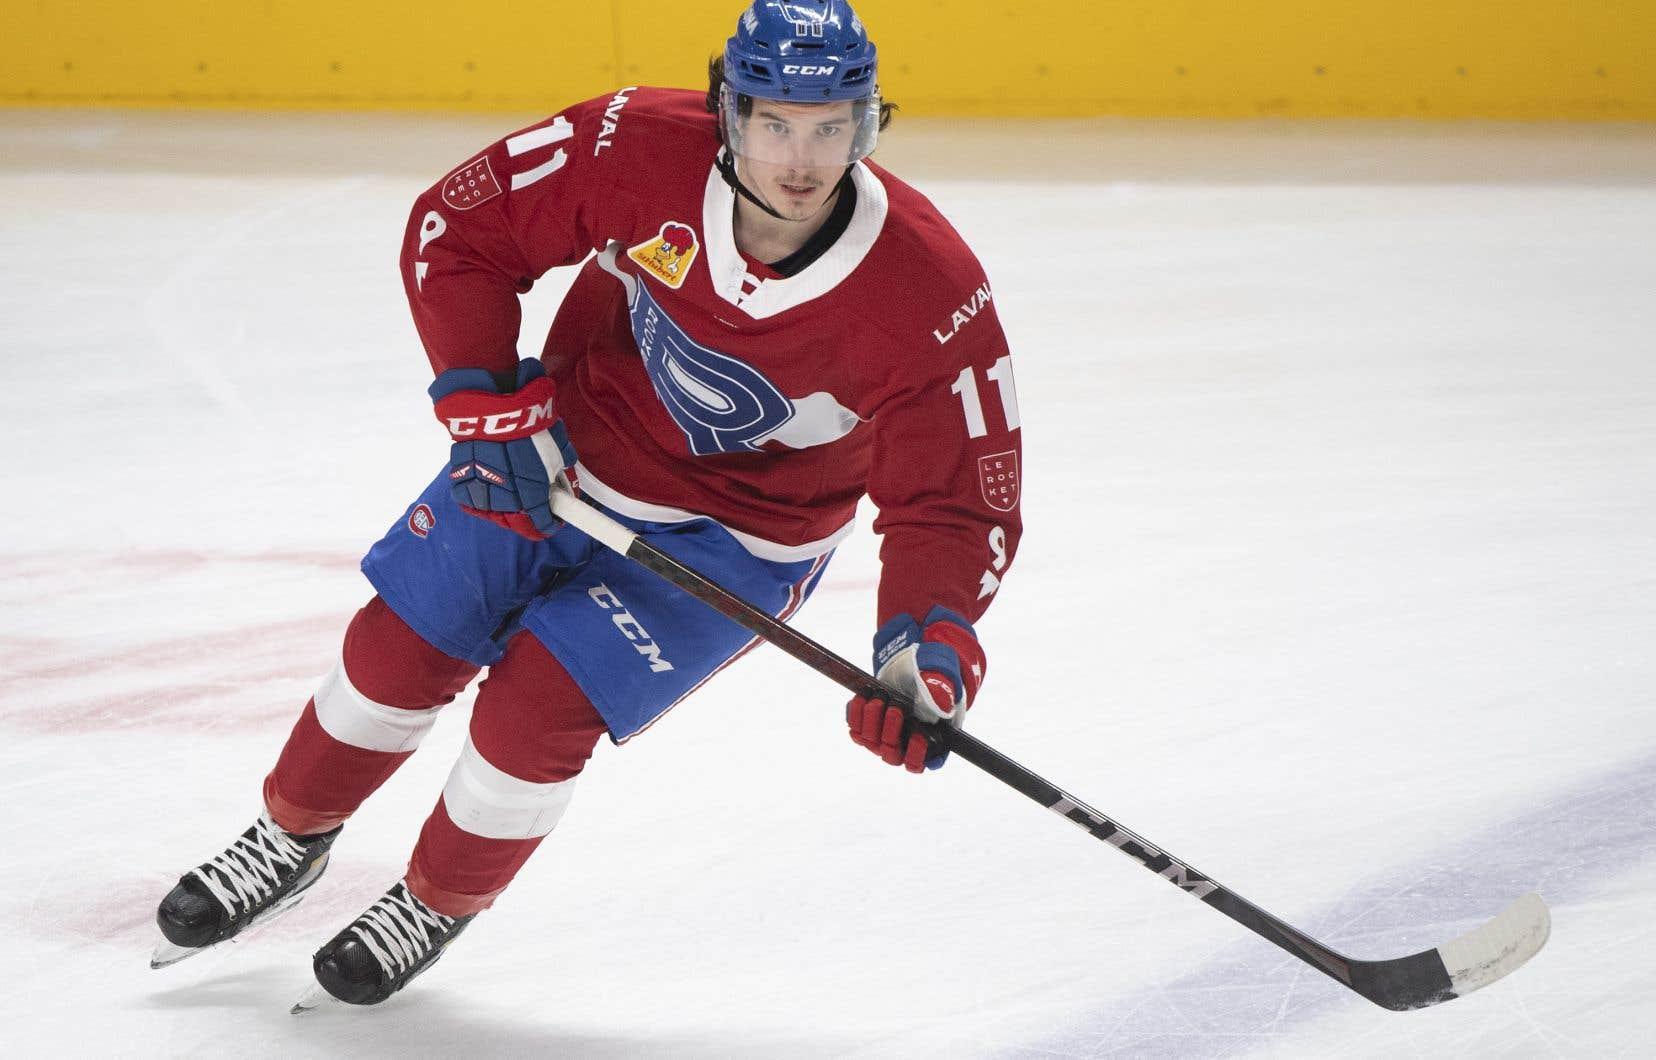 L'attaquant  Rafaël Harvey-Pinard a inscrit 19 points (8-11) en 32 matchs  à sa première  saison professionnelle avec le Rocket de Laval.